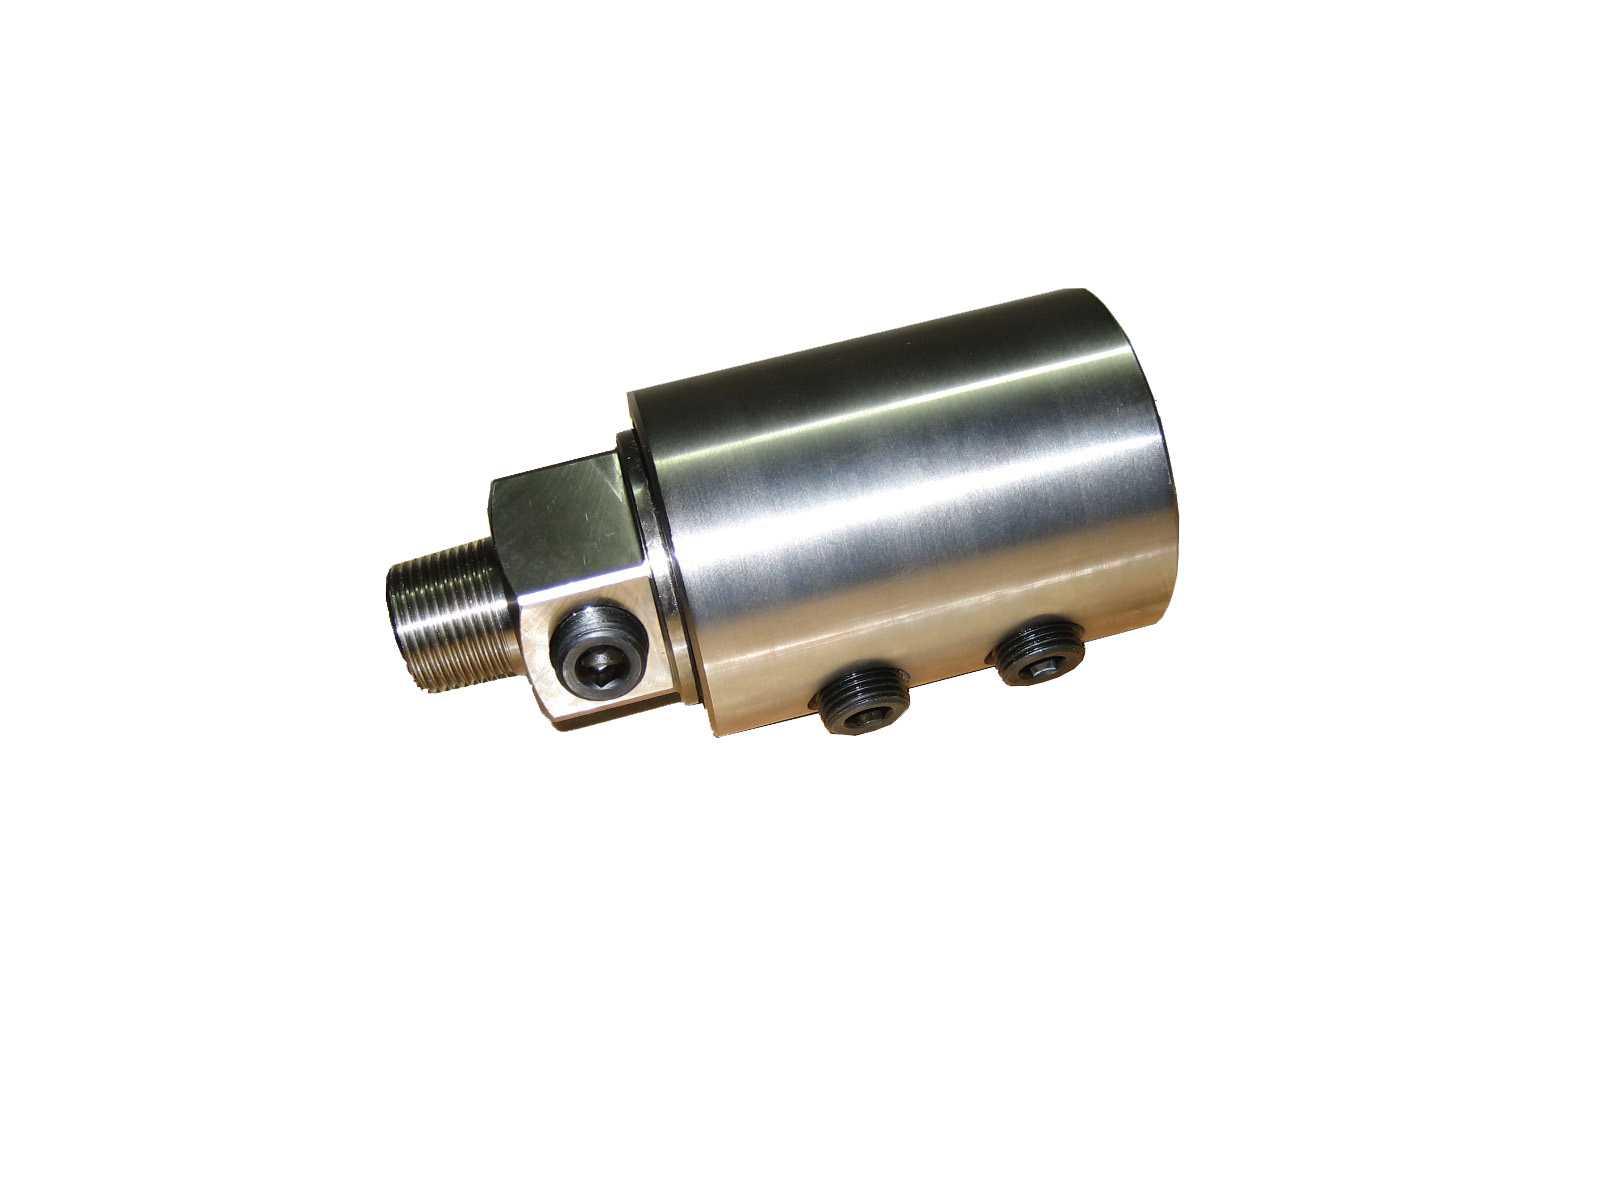 液压旋转接头的原理_液压旋转接头的原理价格 液压旋转接头的原理批发 液压旋转接头的原理厂家